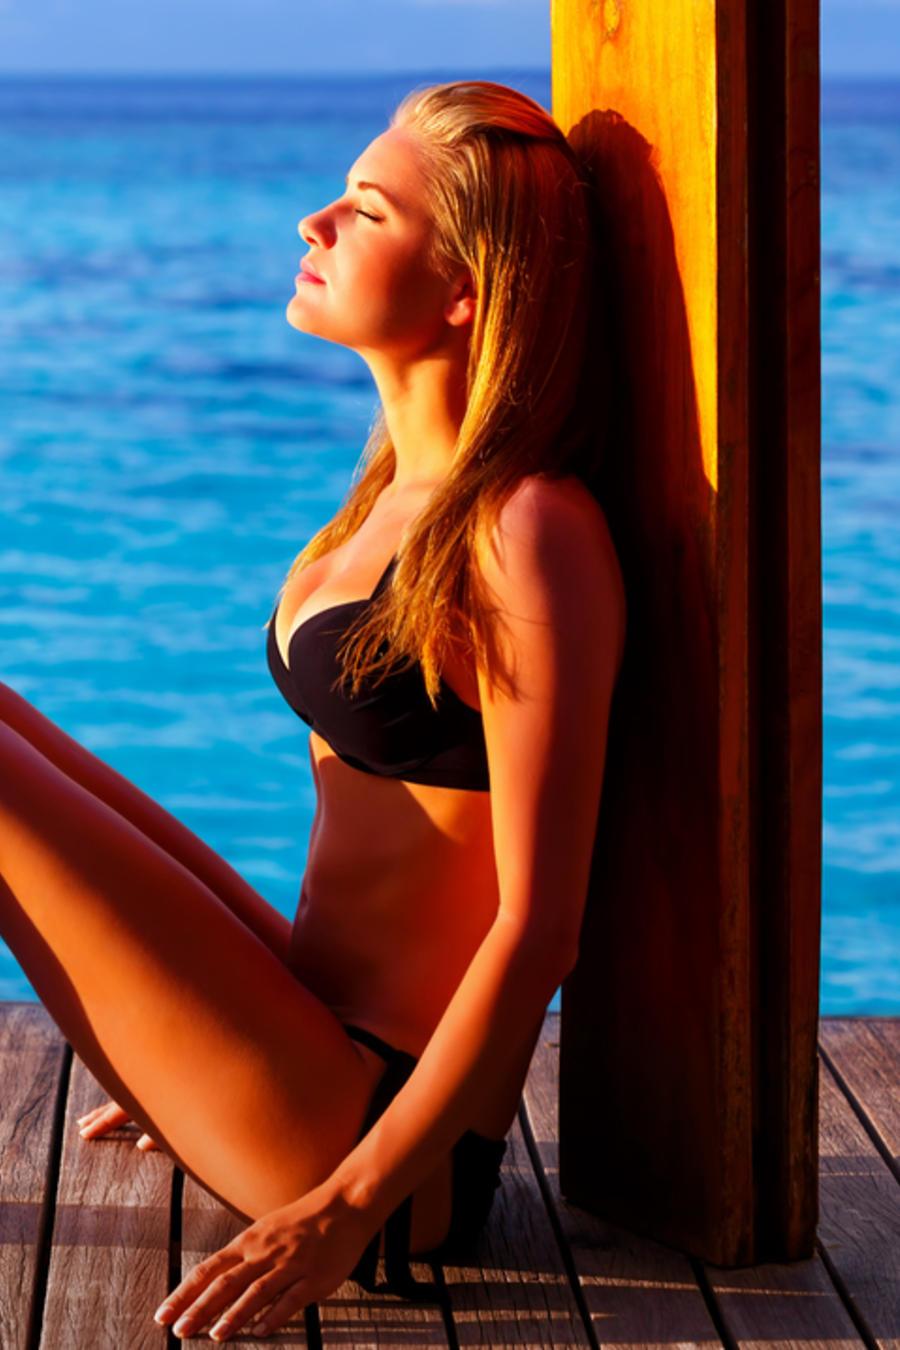 Mujer en bikini tomando el sol